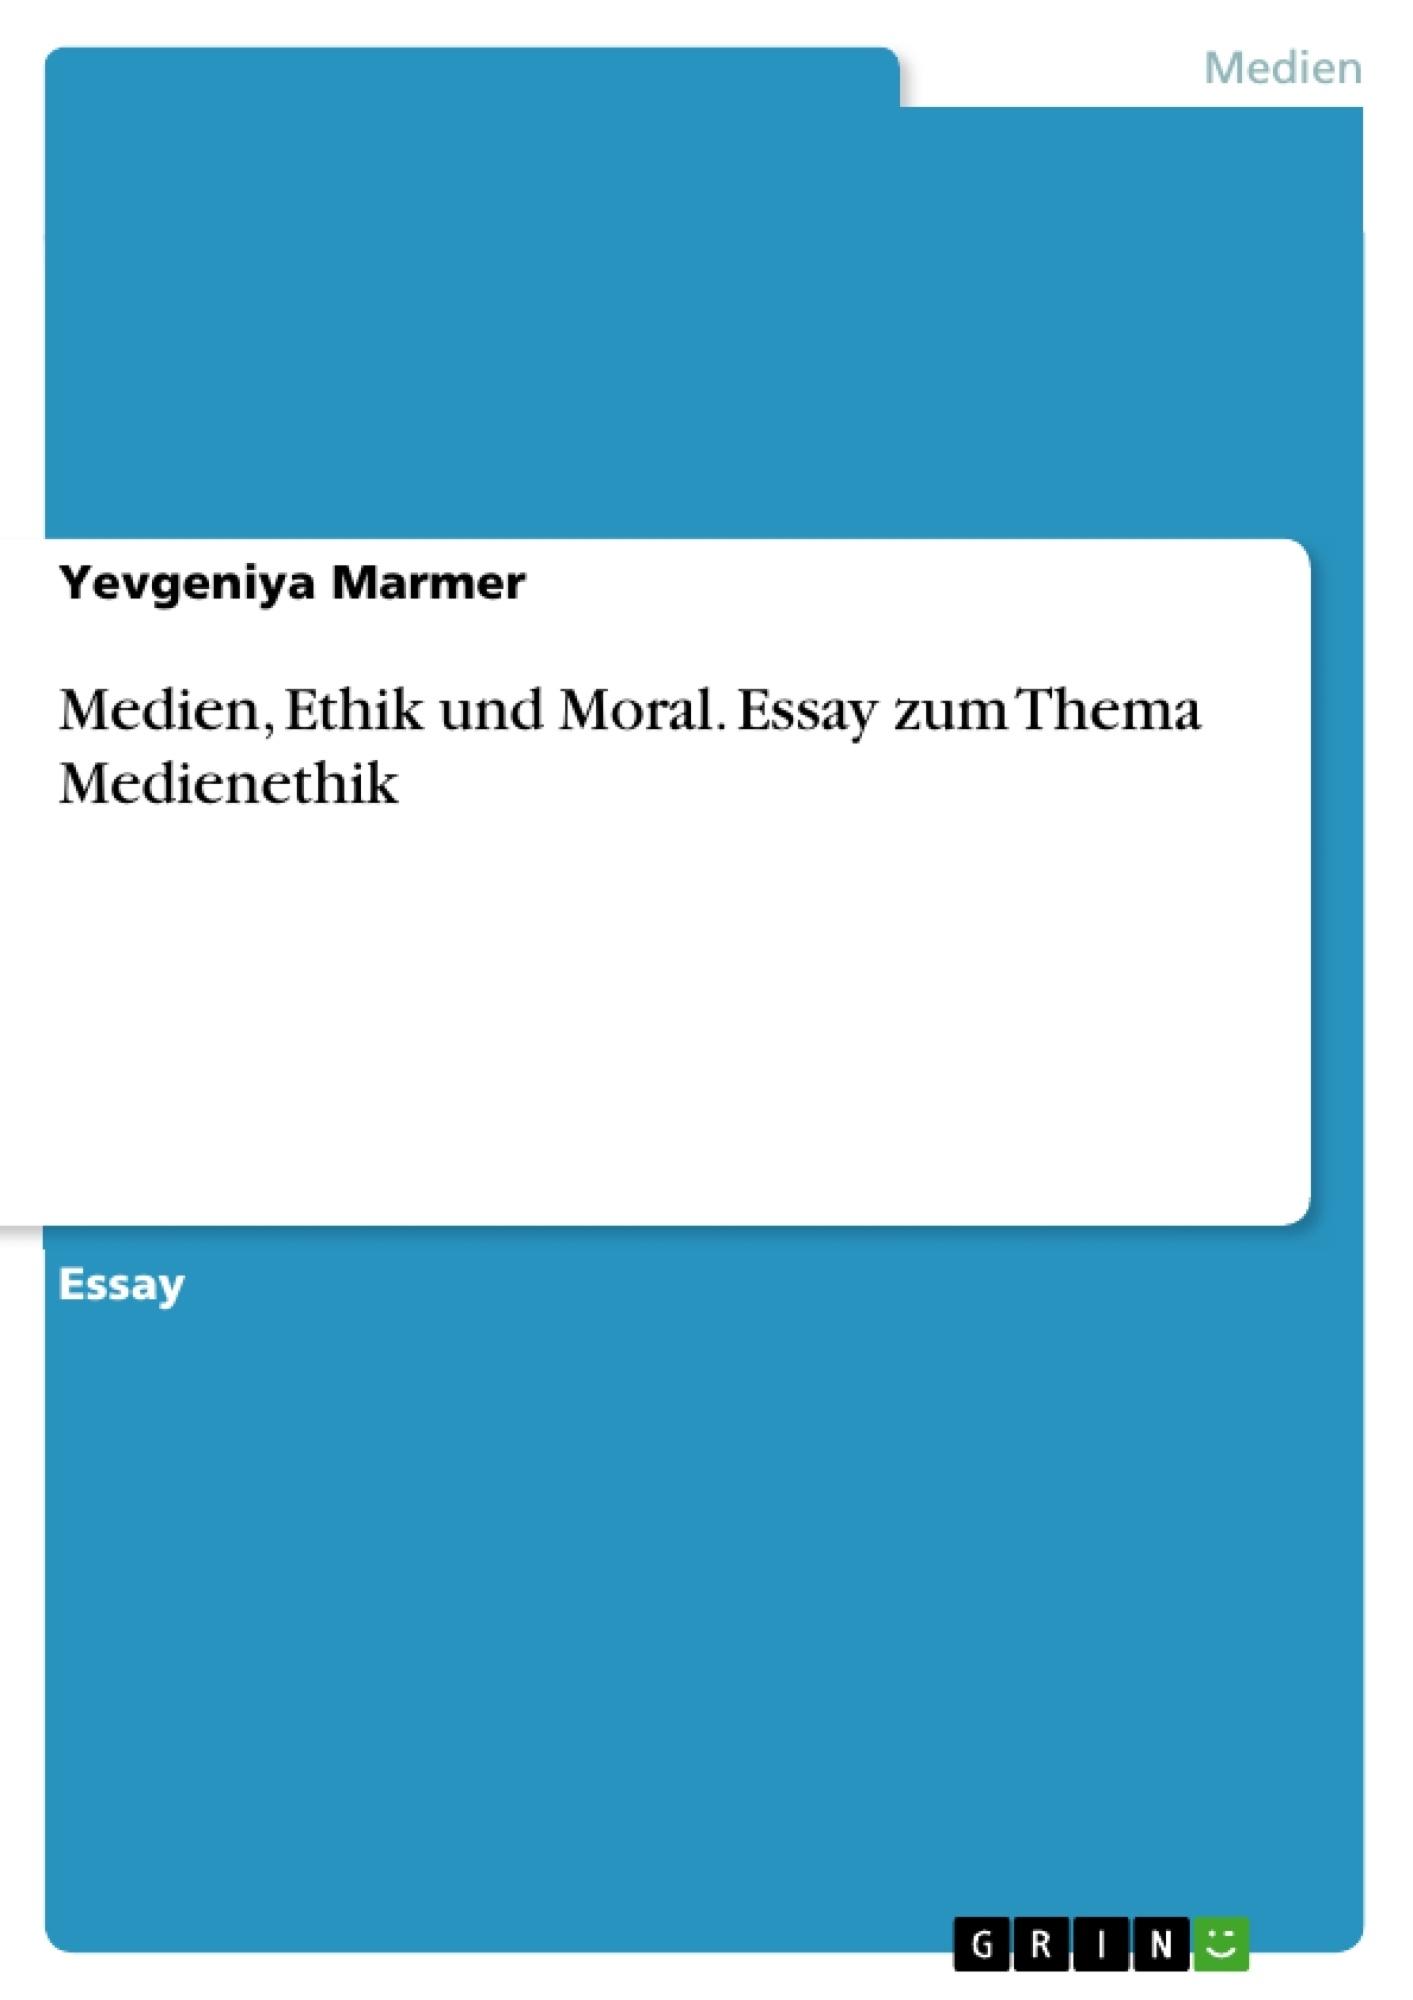 Titel: Medien, Ethik und Moral. Essay zum Thema Medienethik